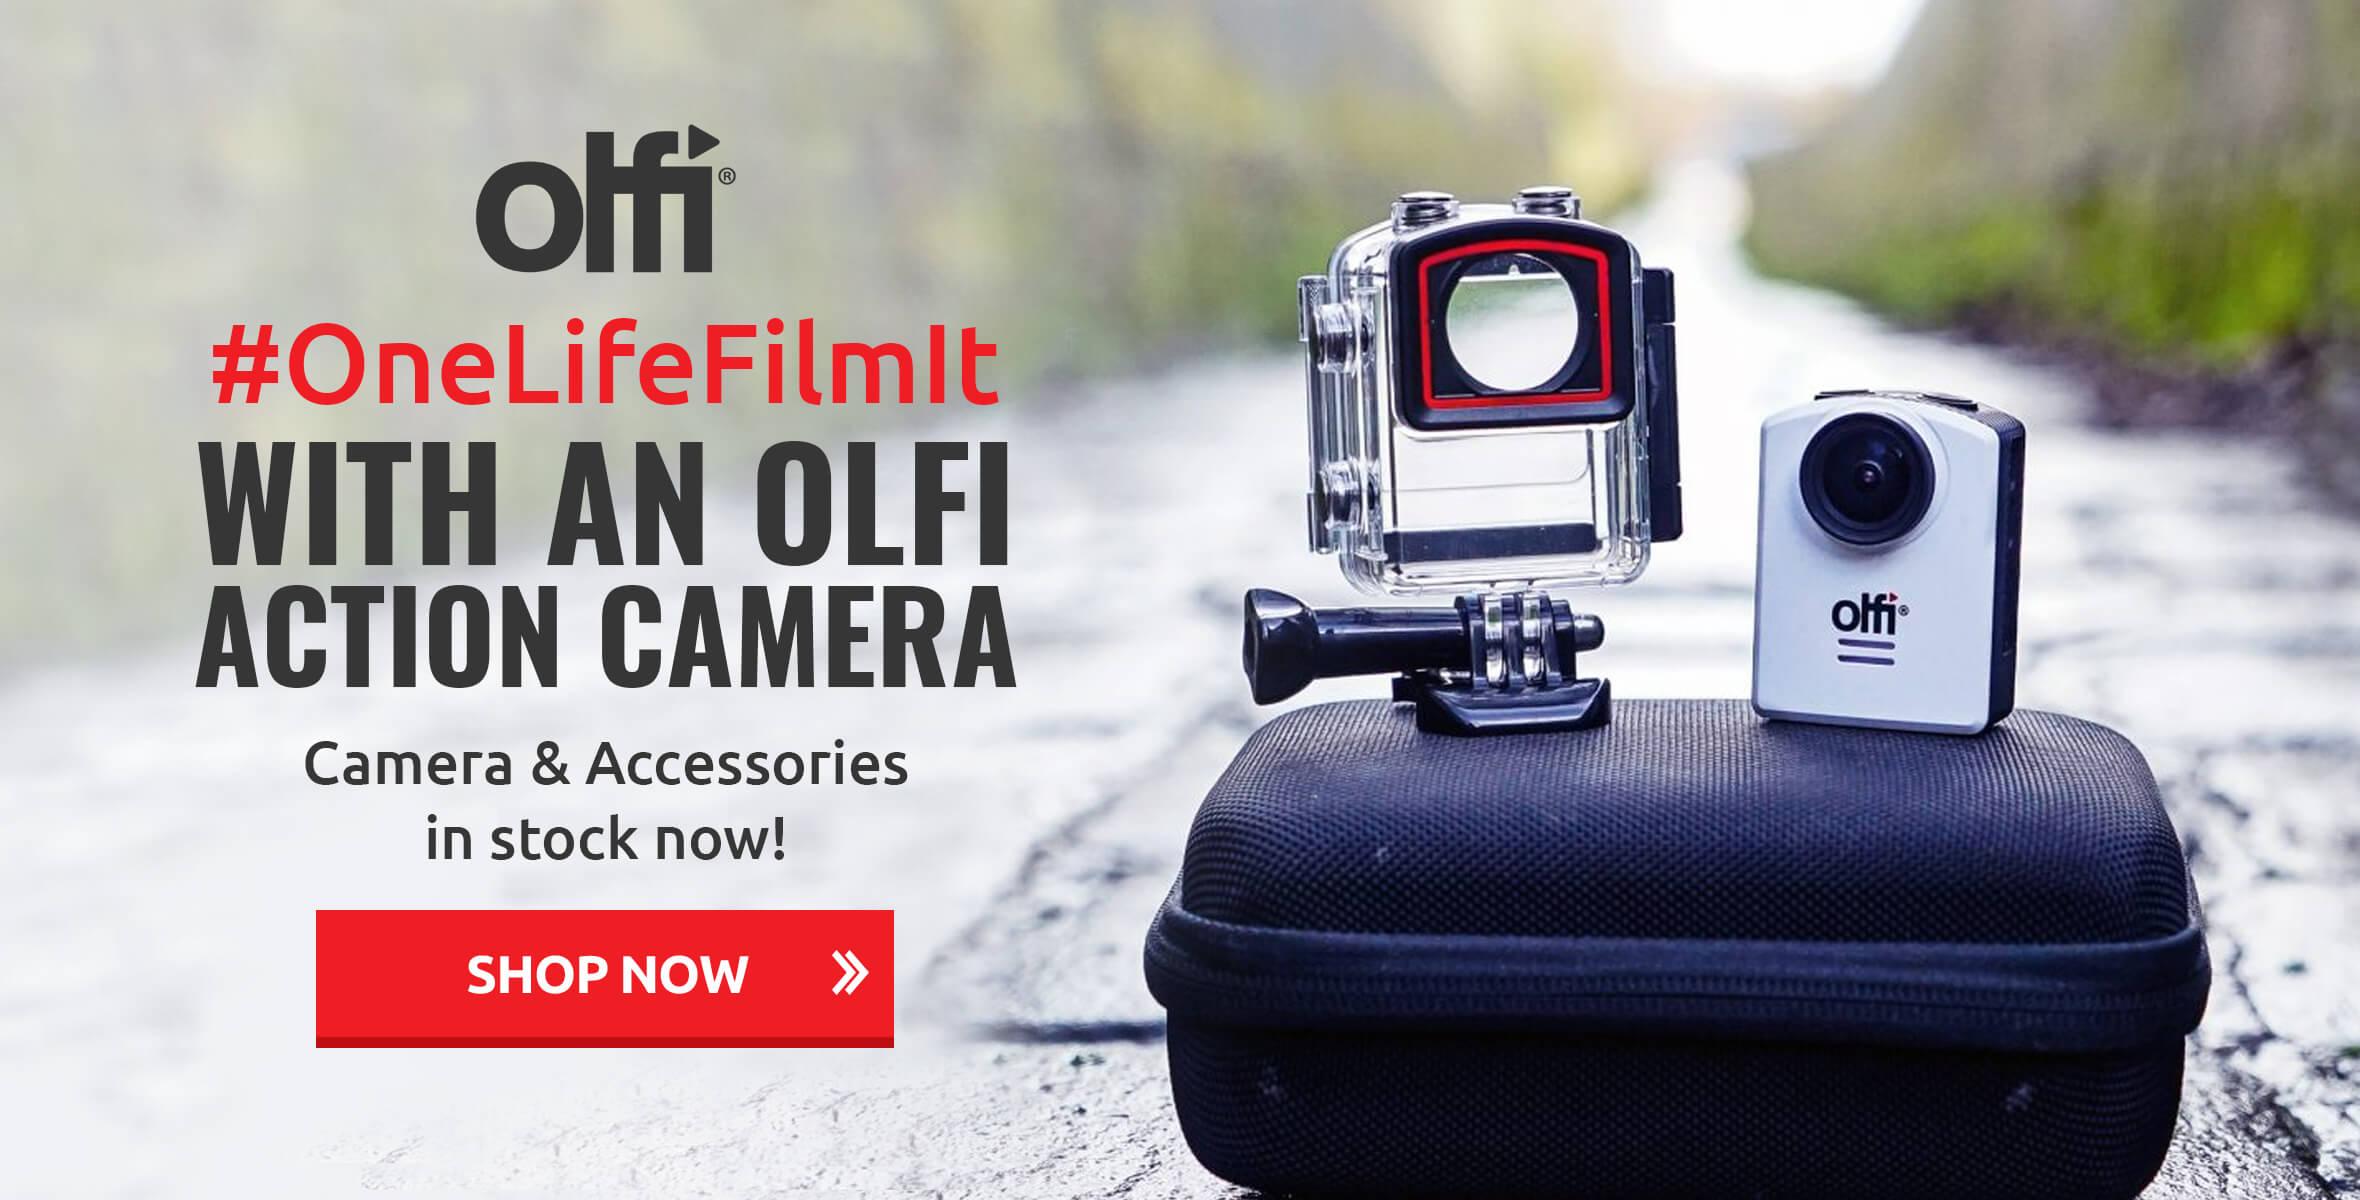 Olfi Cameras & Accessories